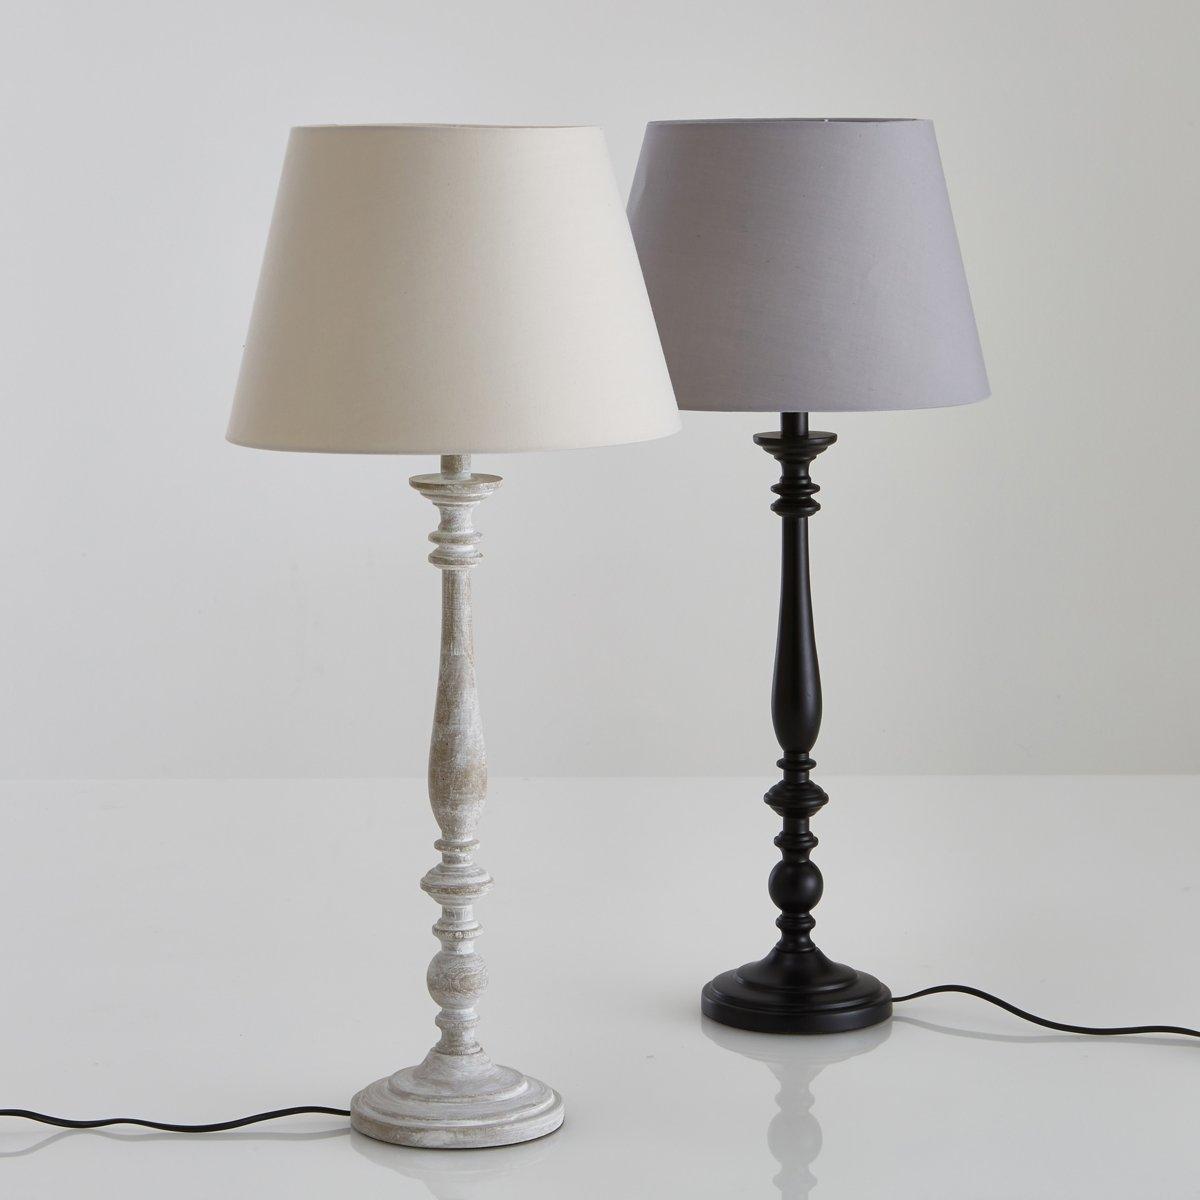 Лампа настольная из гельвеи, KanattaЛампа Kanatta из дерева гельвеи, элегантная и декоративная серо-коричневого цвета .Описание настольной лампы из гельвеи Kanatta :  Вращающаяся ножка. Однотонный абажур Патрон E14 для лампочки 40W (не входит в комплект)  .   Этот светильник совместим с лампочками    энергетического класса    : A-B-C-D-EХарактеристики лампы Kanatta :  Из гельвеи серо-коричневого цвета . Абажур 100% хлопок . Всю коллекцию светильников вы можете найти на сайте laredoute.ru.Размеры лампы  Kanatta  :Лампа: Высота : 70 см, Диаметр низа: 15 см.. Абажур: Диаметр верха  : 22 смДиаметр внизу : 32 смВысота : 21 см.<br><br>Цвет: серо-каштановый беленый<br>Размер: единый размер